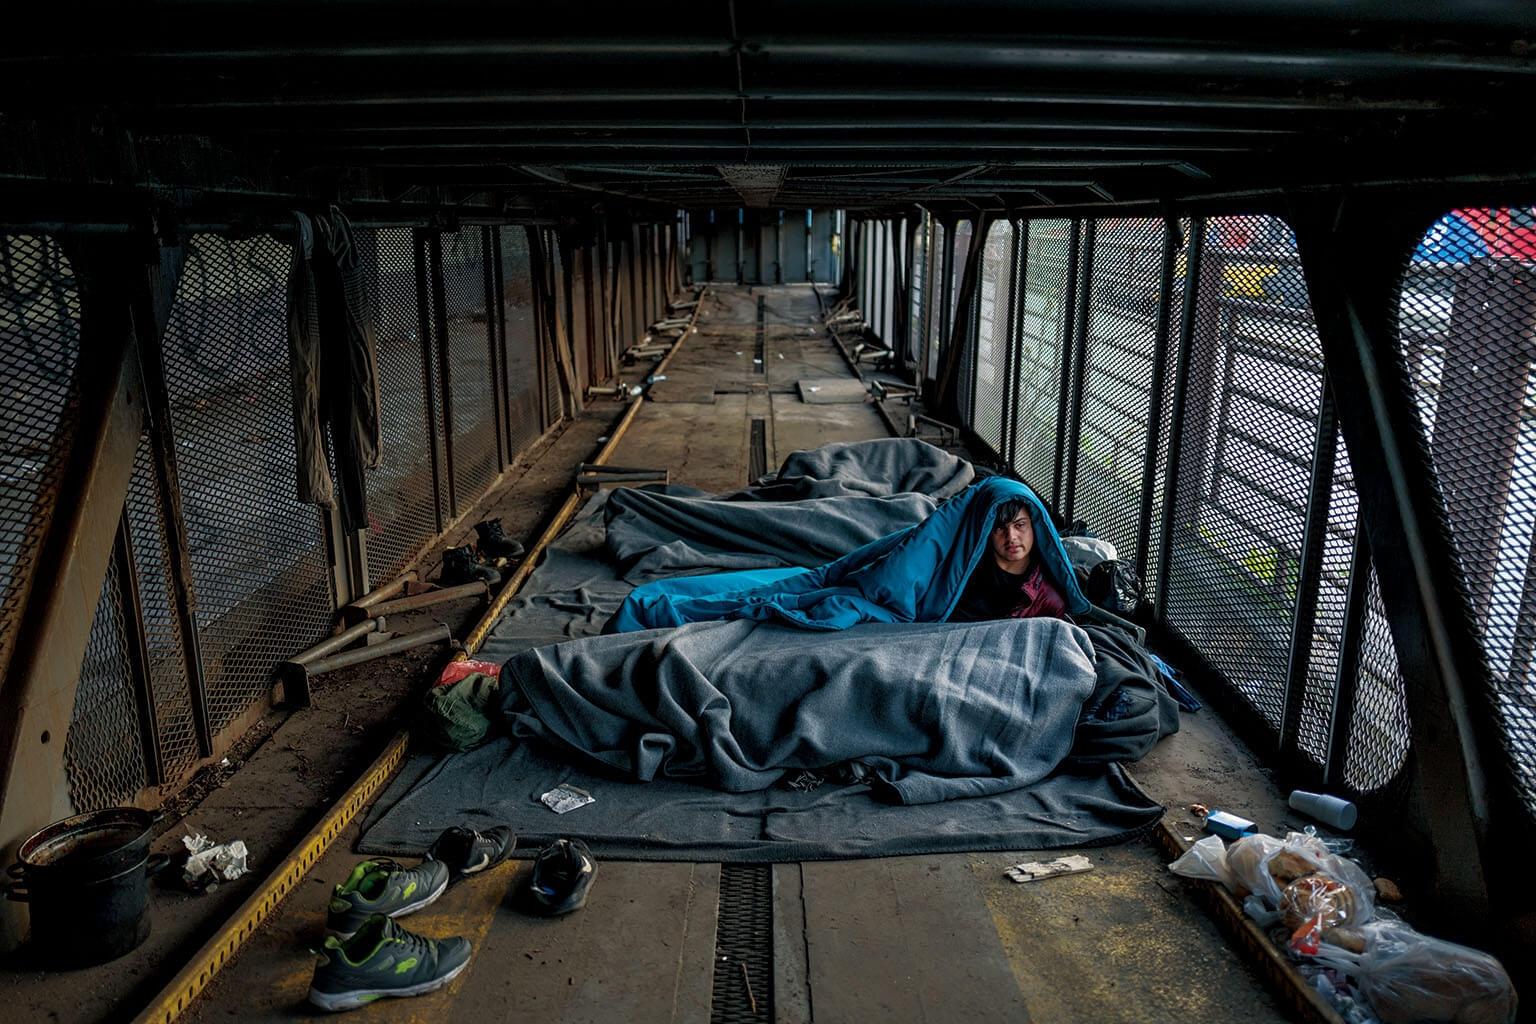 15歲的薛夏來自阿富汗,他藏身在貝爾格勒中央火車站的荒廢車廂裡。近年來,隻身逃離苦難與戰亂的兒童數量劇烈增長。 攝影:穆罕默德.穆赫森 MUHAMMED MUHEISEN